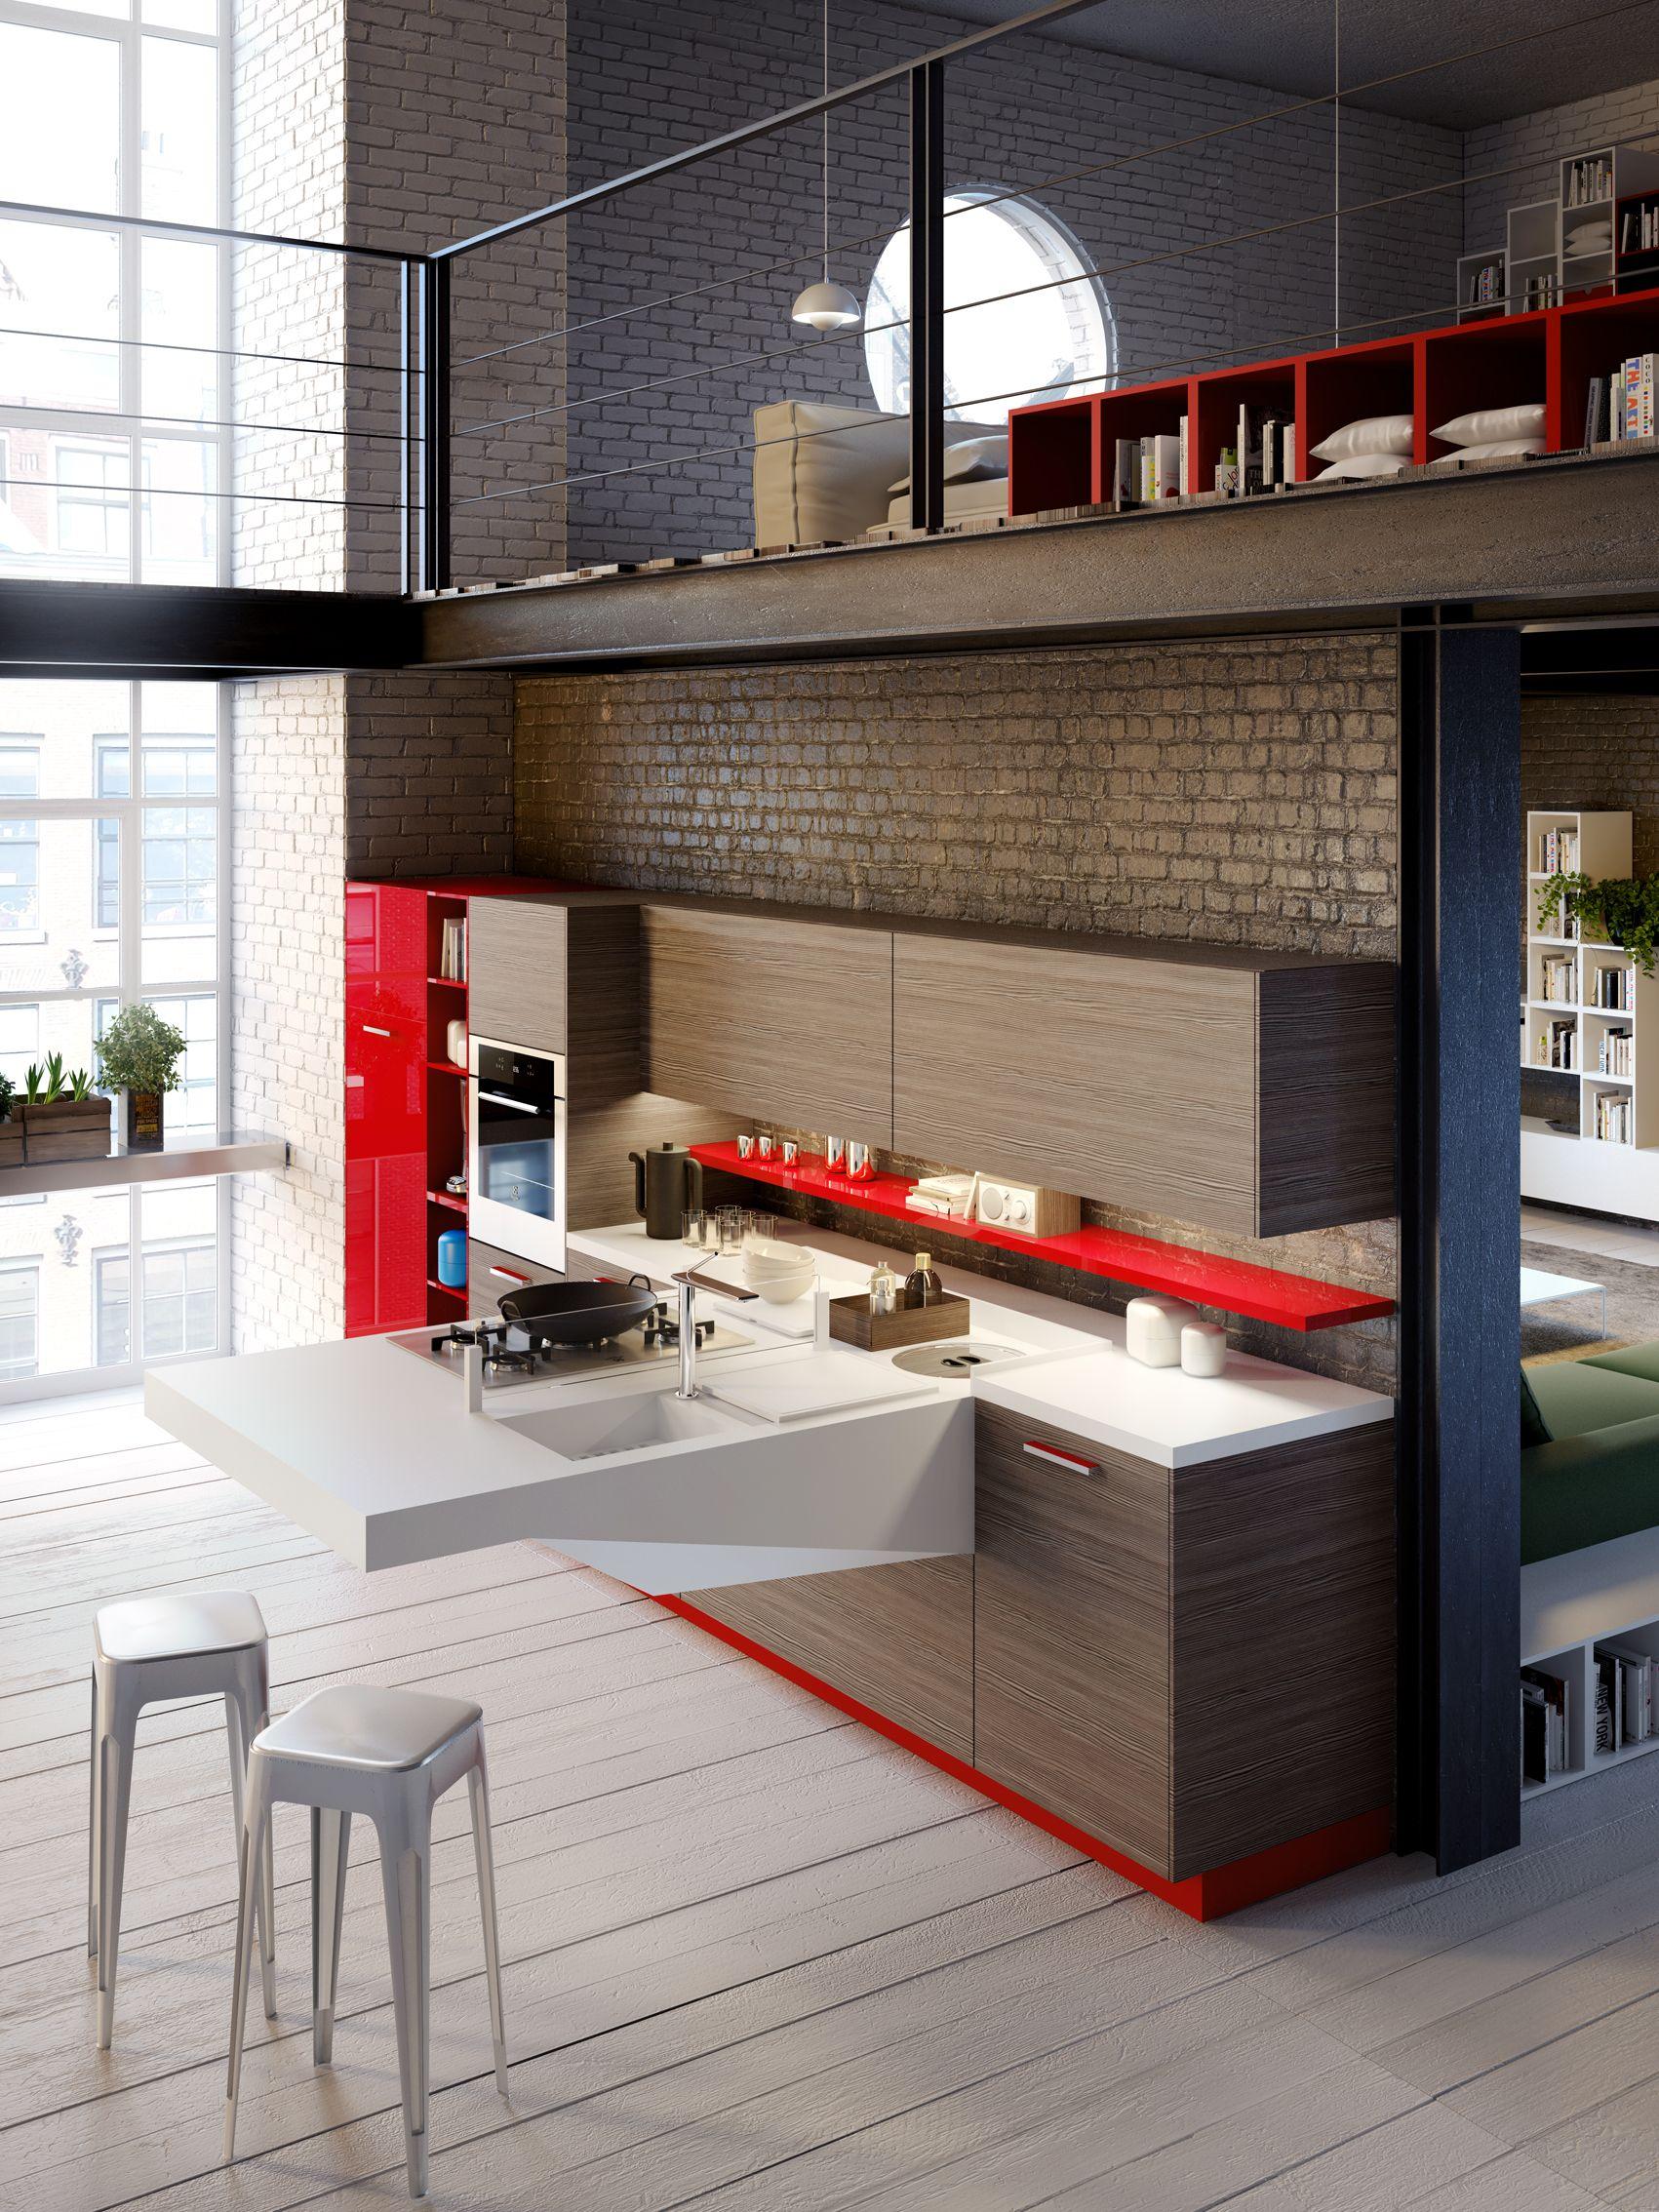 Piccole Cucine Per Miniappartamenti | madgeweb.com idee di ...